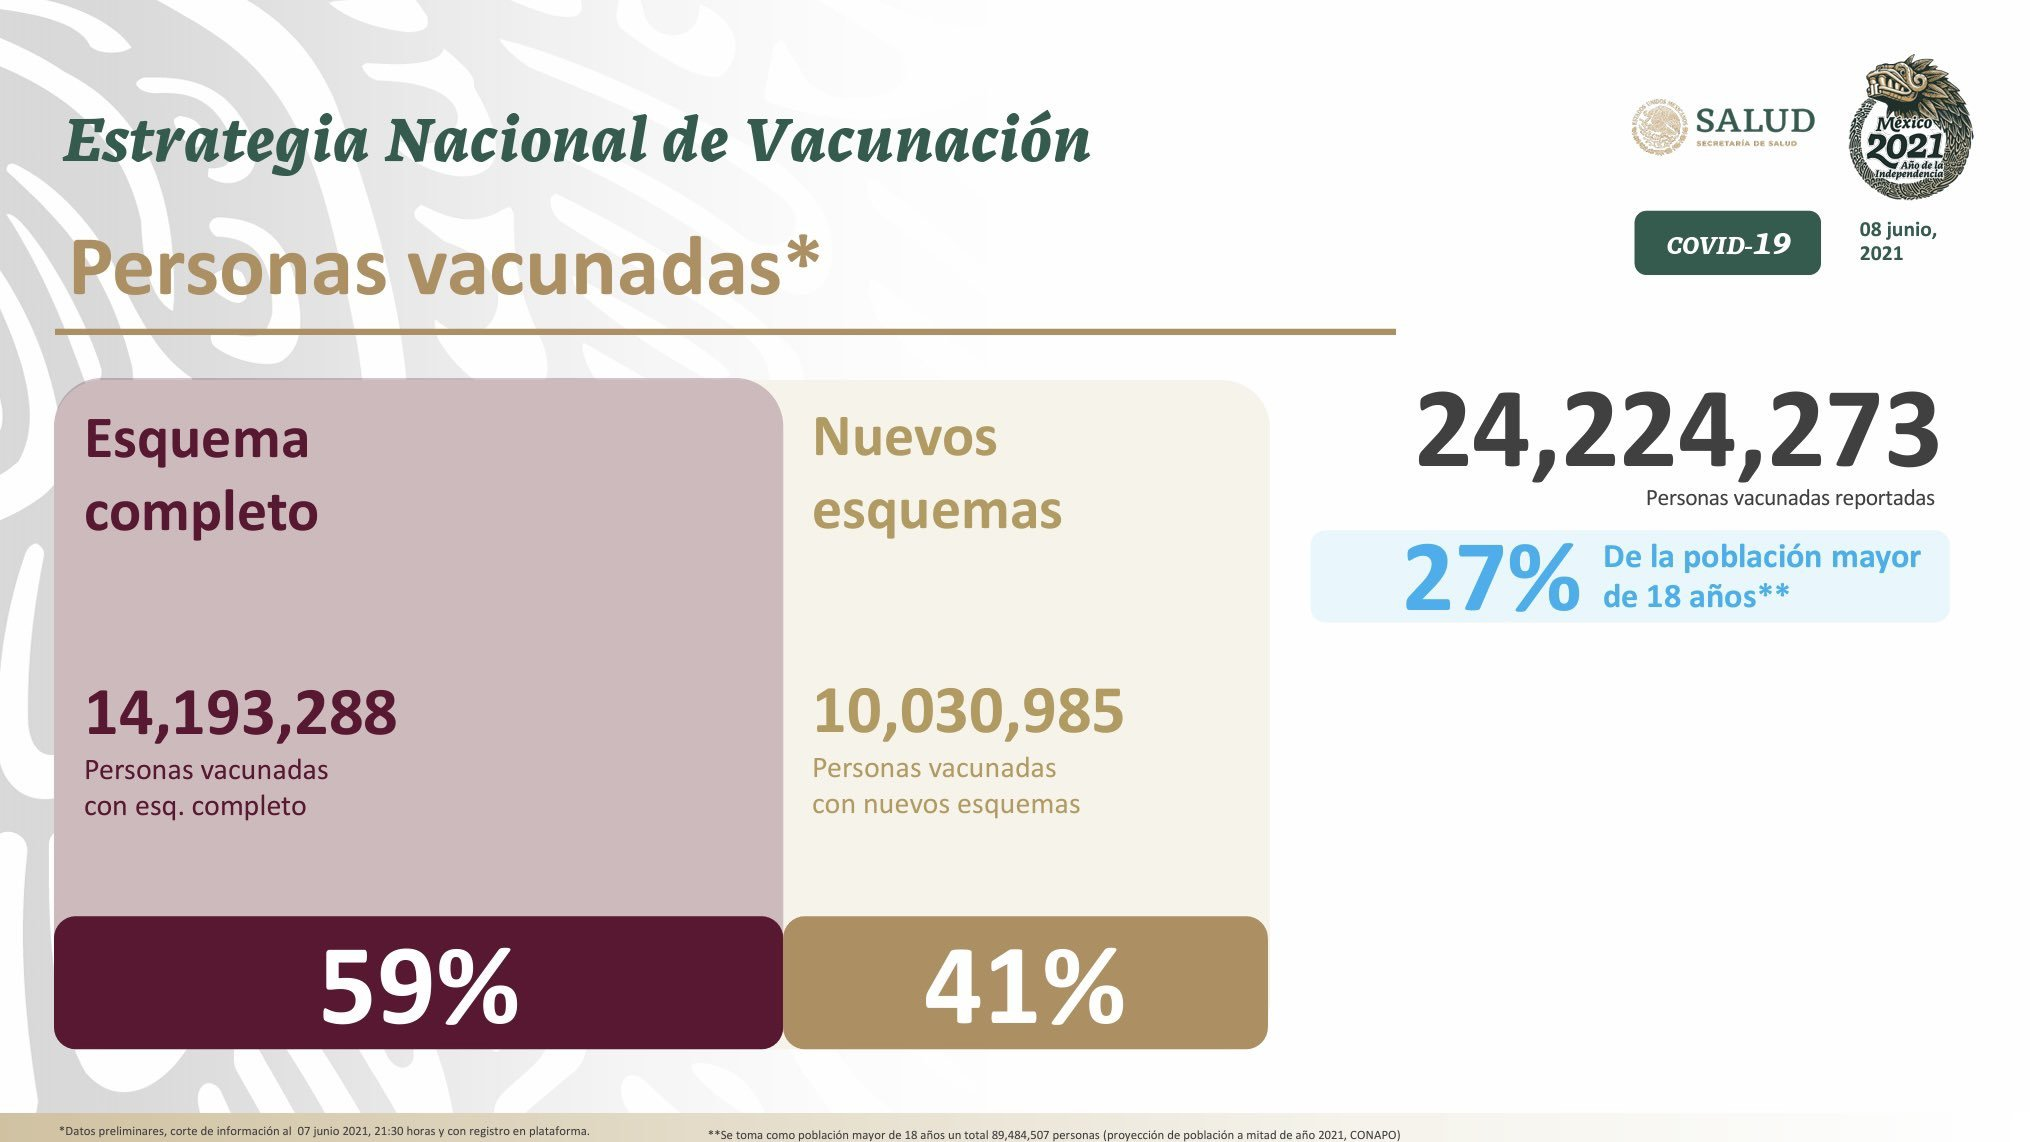 Vacuna Covid-19 México hoy 9 de junio: ¿Cuántas dosis se han aplicado y cuántos casos de coronavirus van al momento?